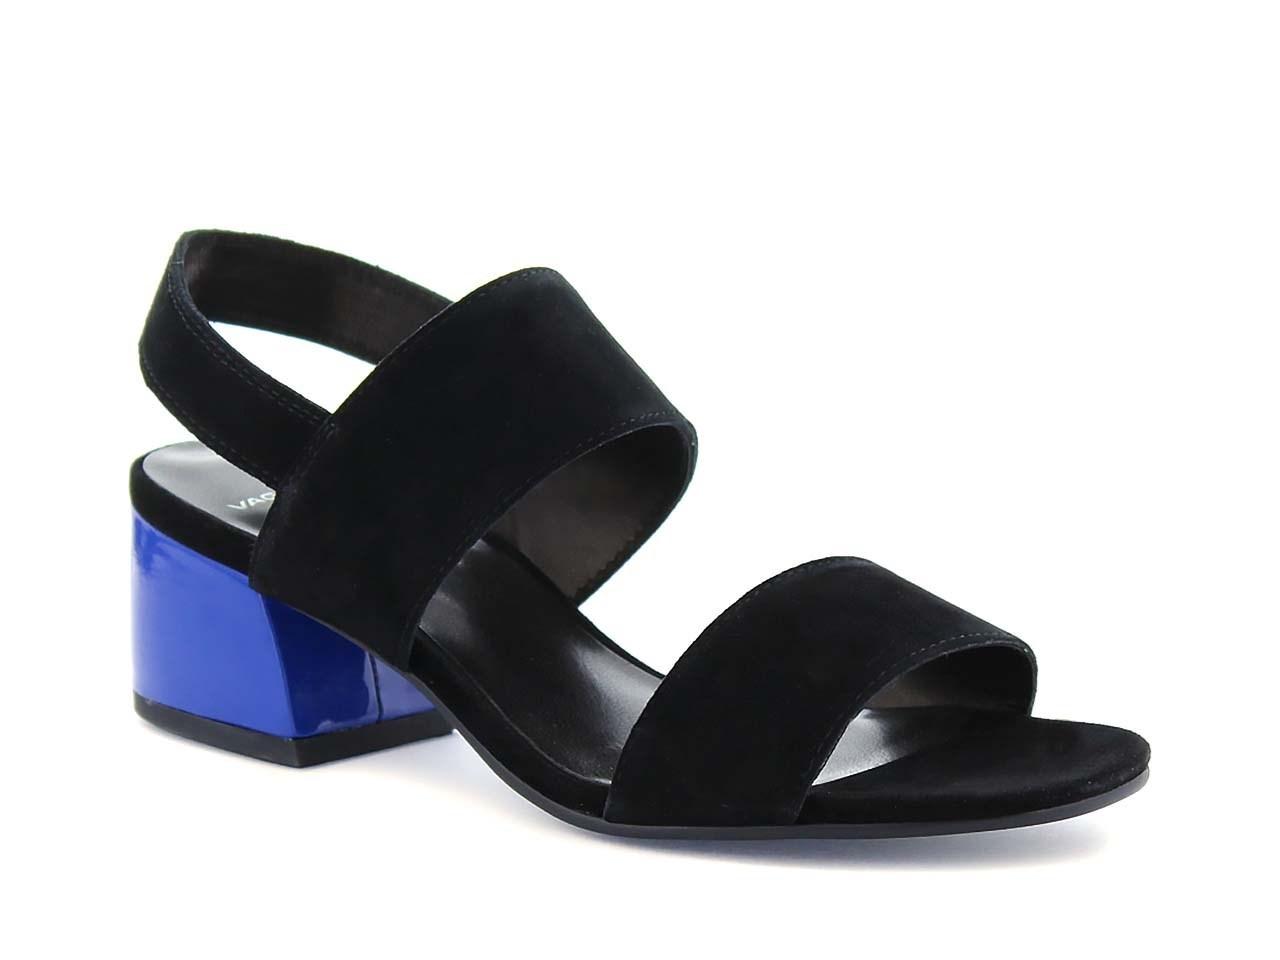 1e6bf664d16 Svart sandalett med blå klack